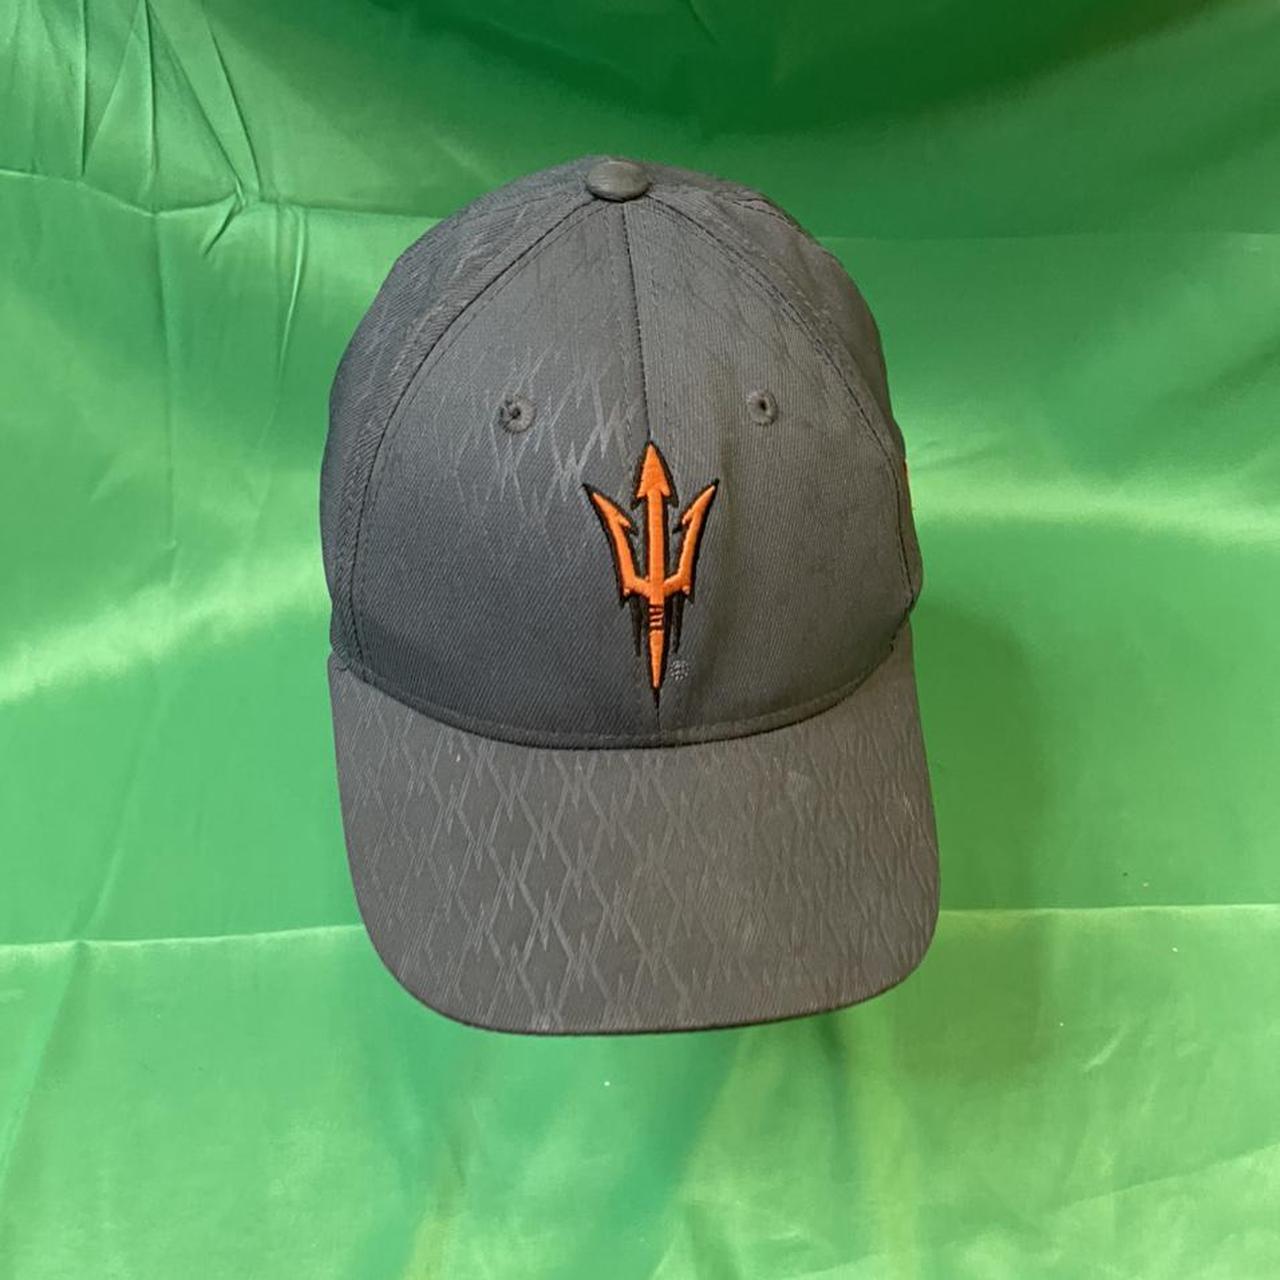 Product Image 1 - Adidas Arizona State University hat